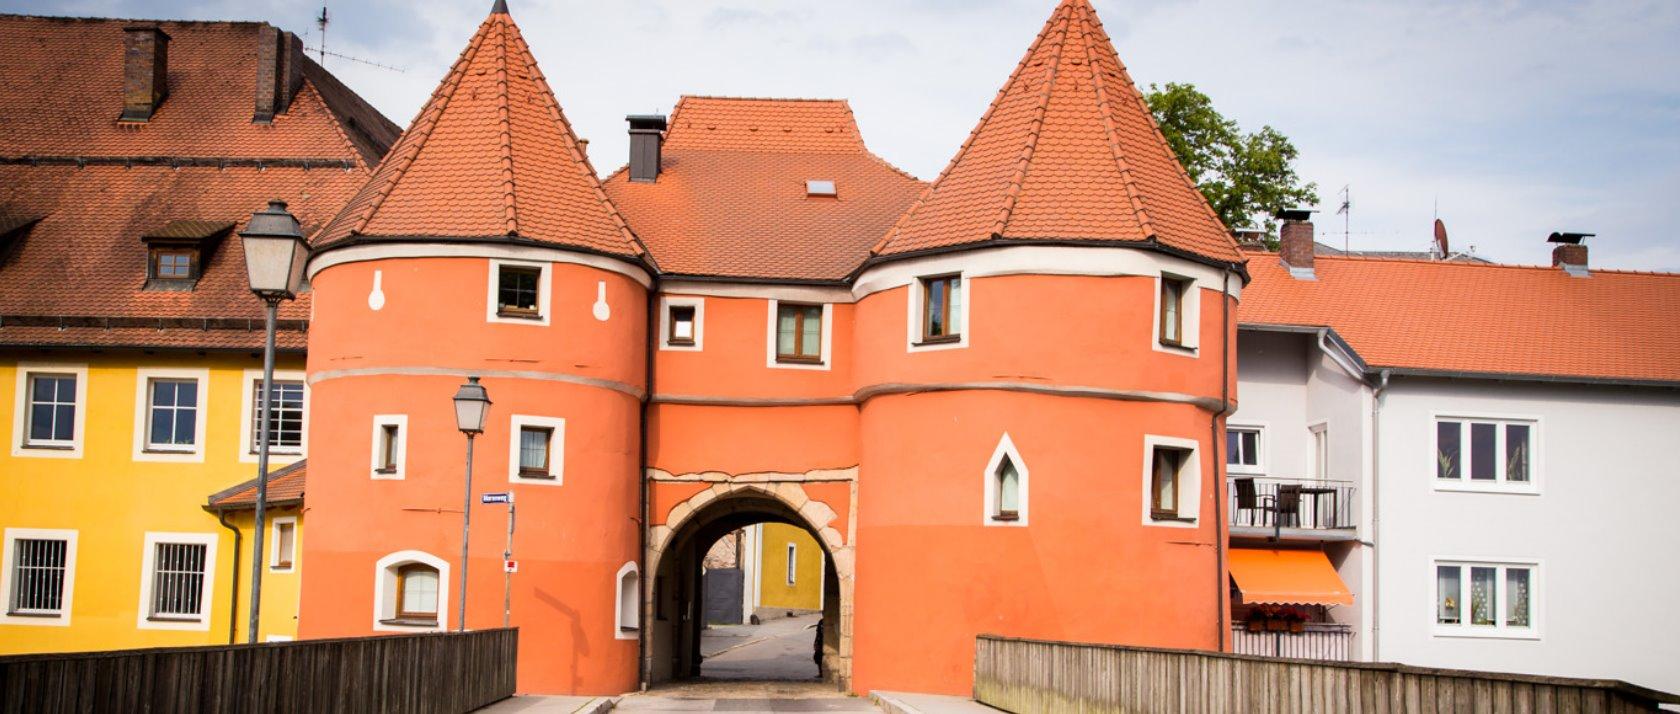 guthof-bayerischer-wald-ausflugsziele-cham-sehenswuerdigkeiten-biertor